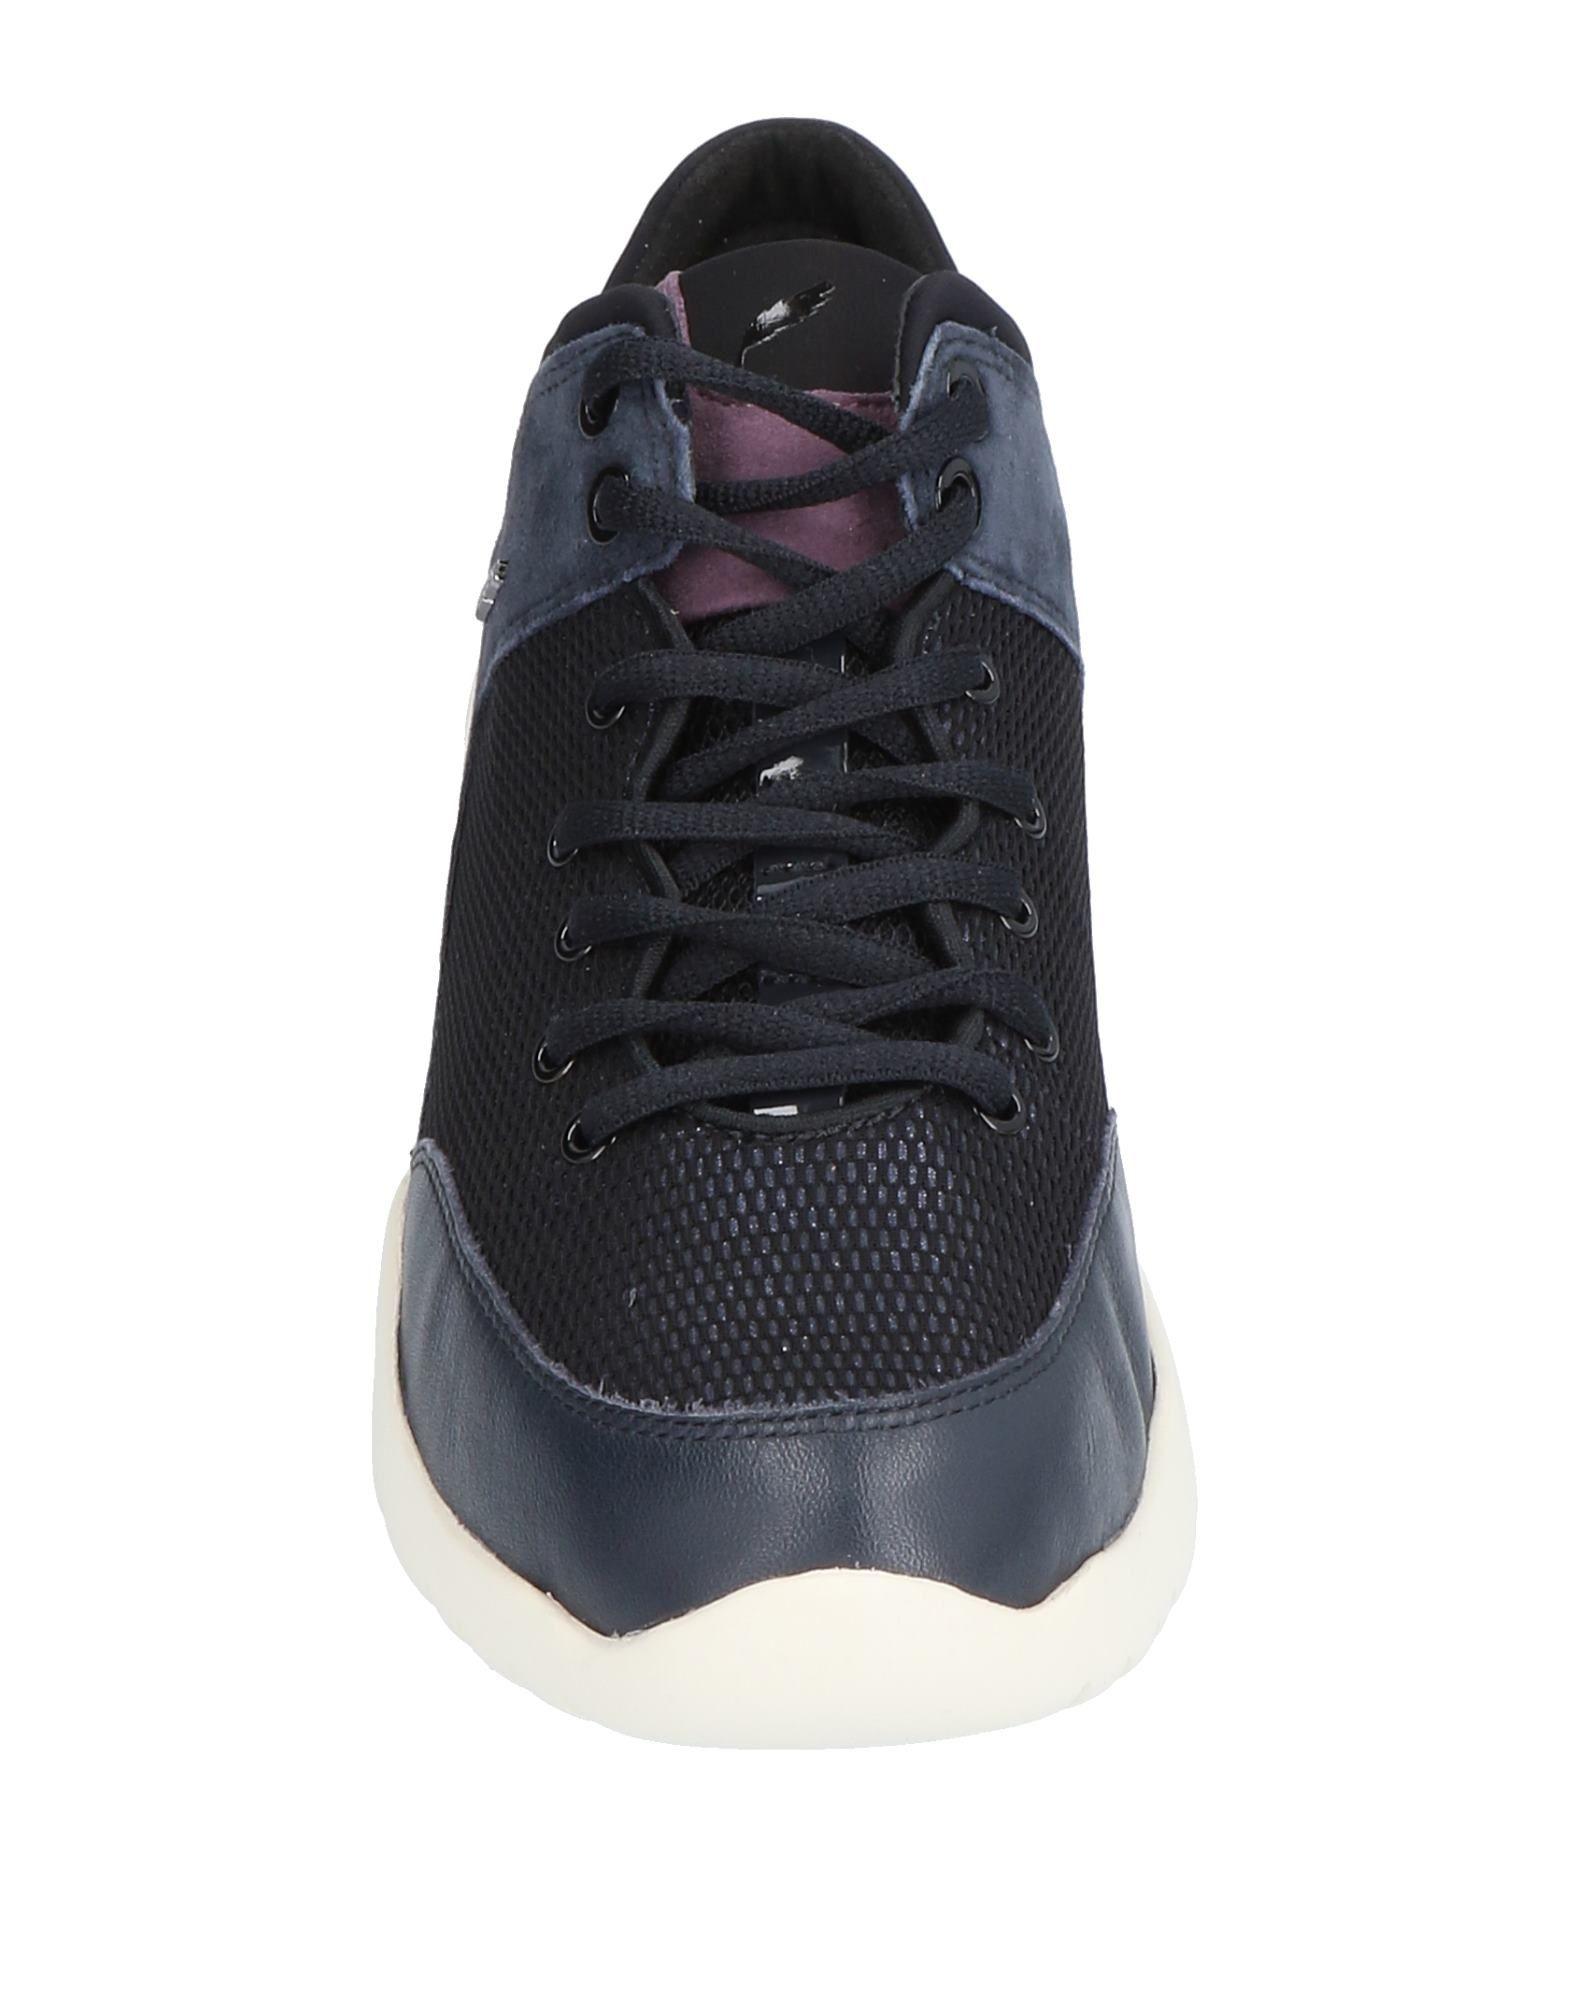 Geox Sneakers 11496911FF Damen  11496911FF Sneakers Gute Qualität beliebte Schuhe 19ea87